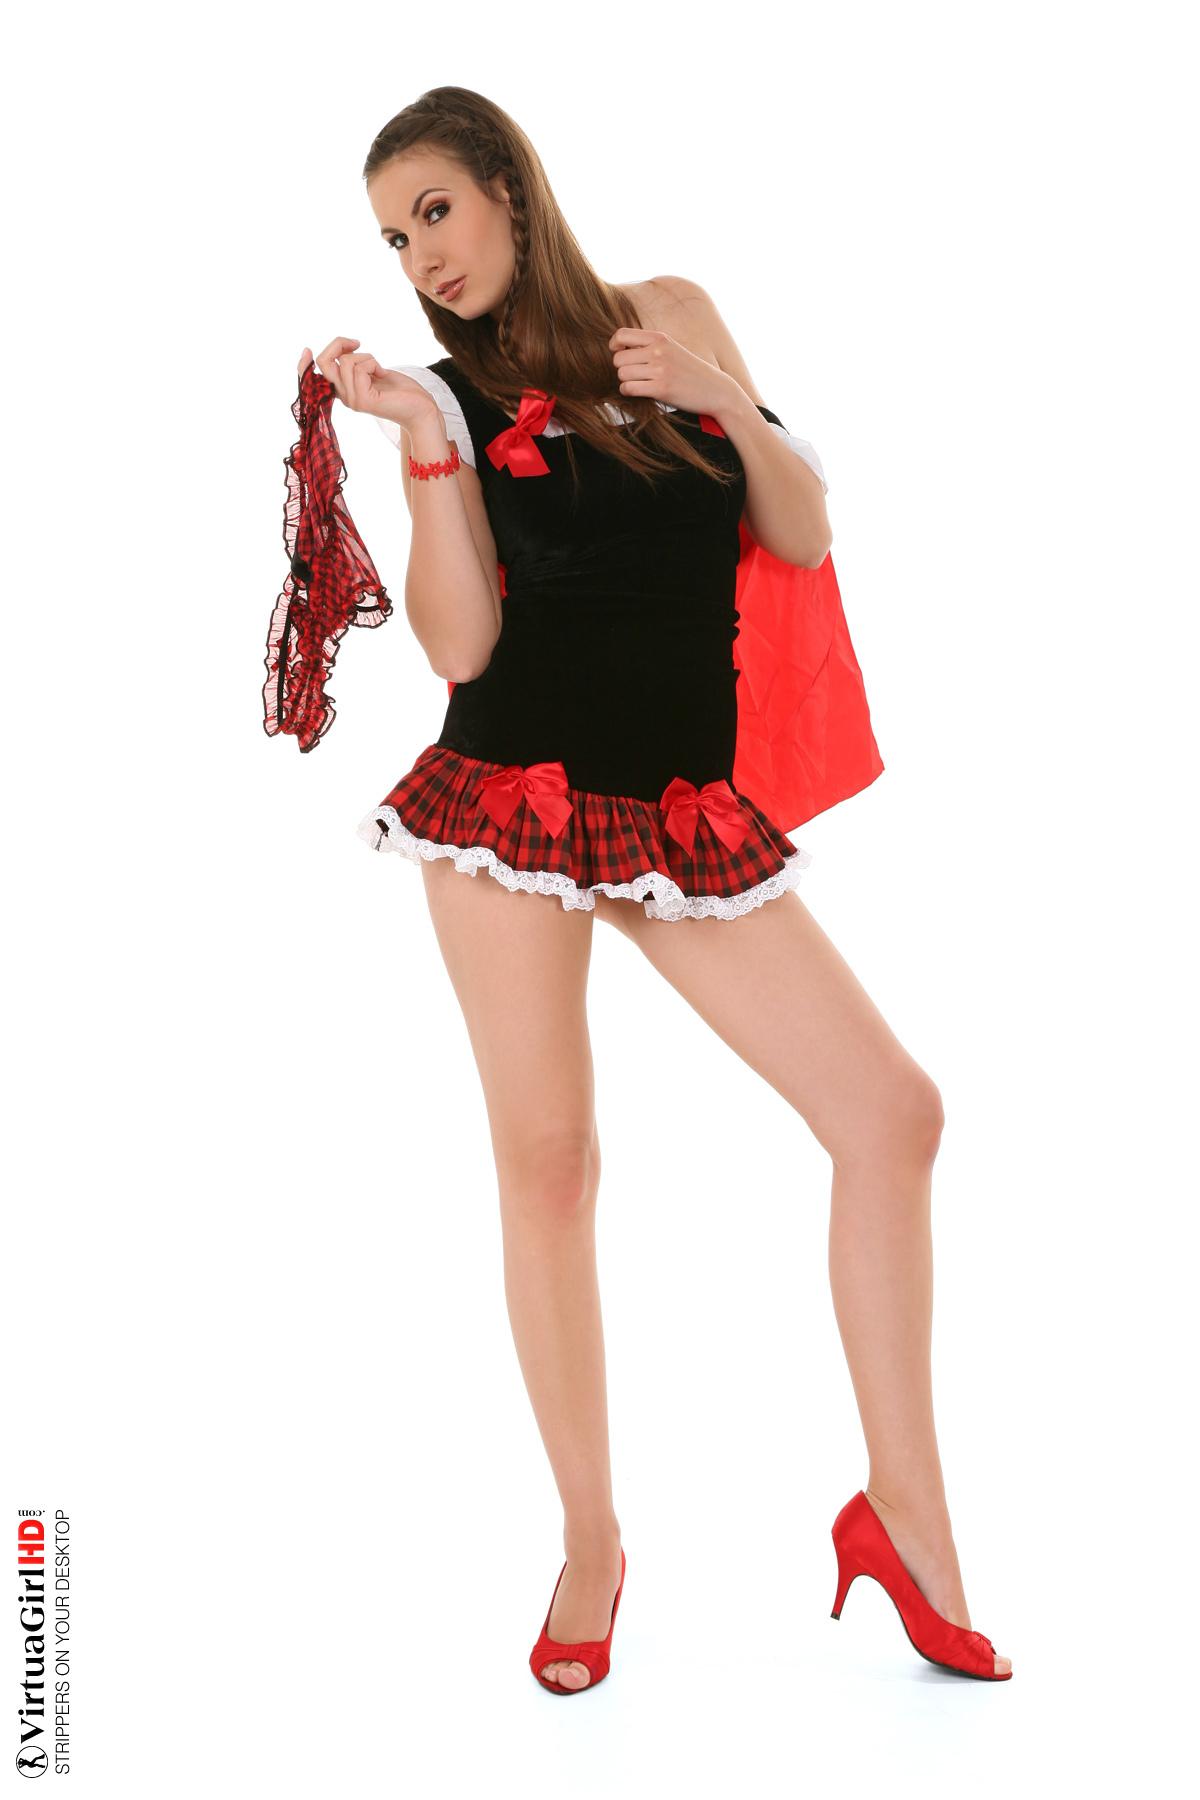 girls do stripping challendge